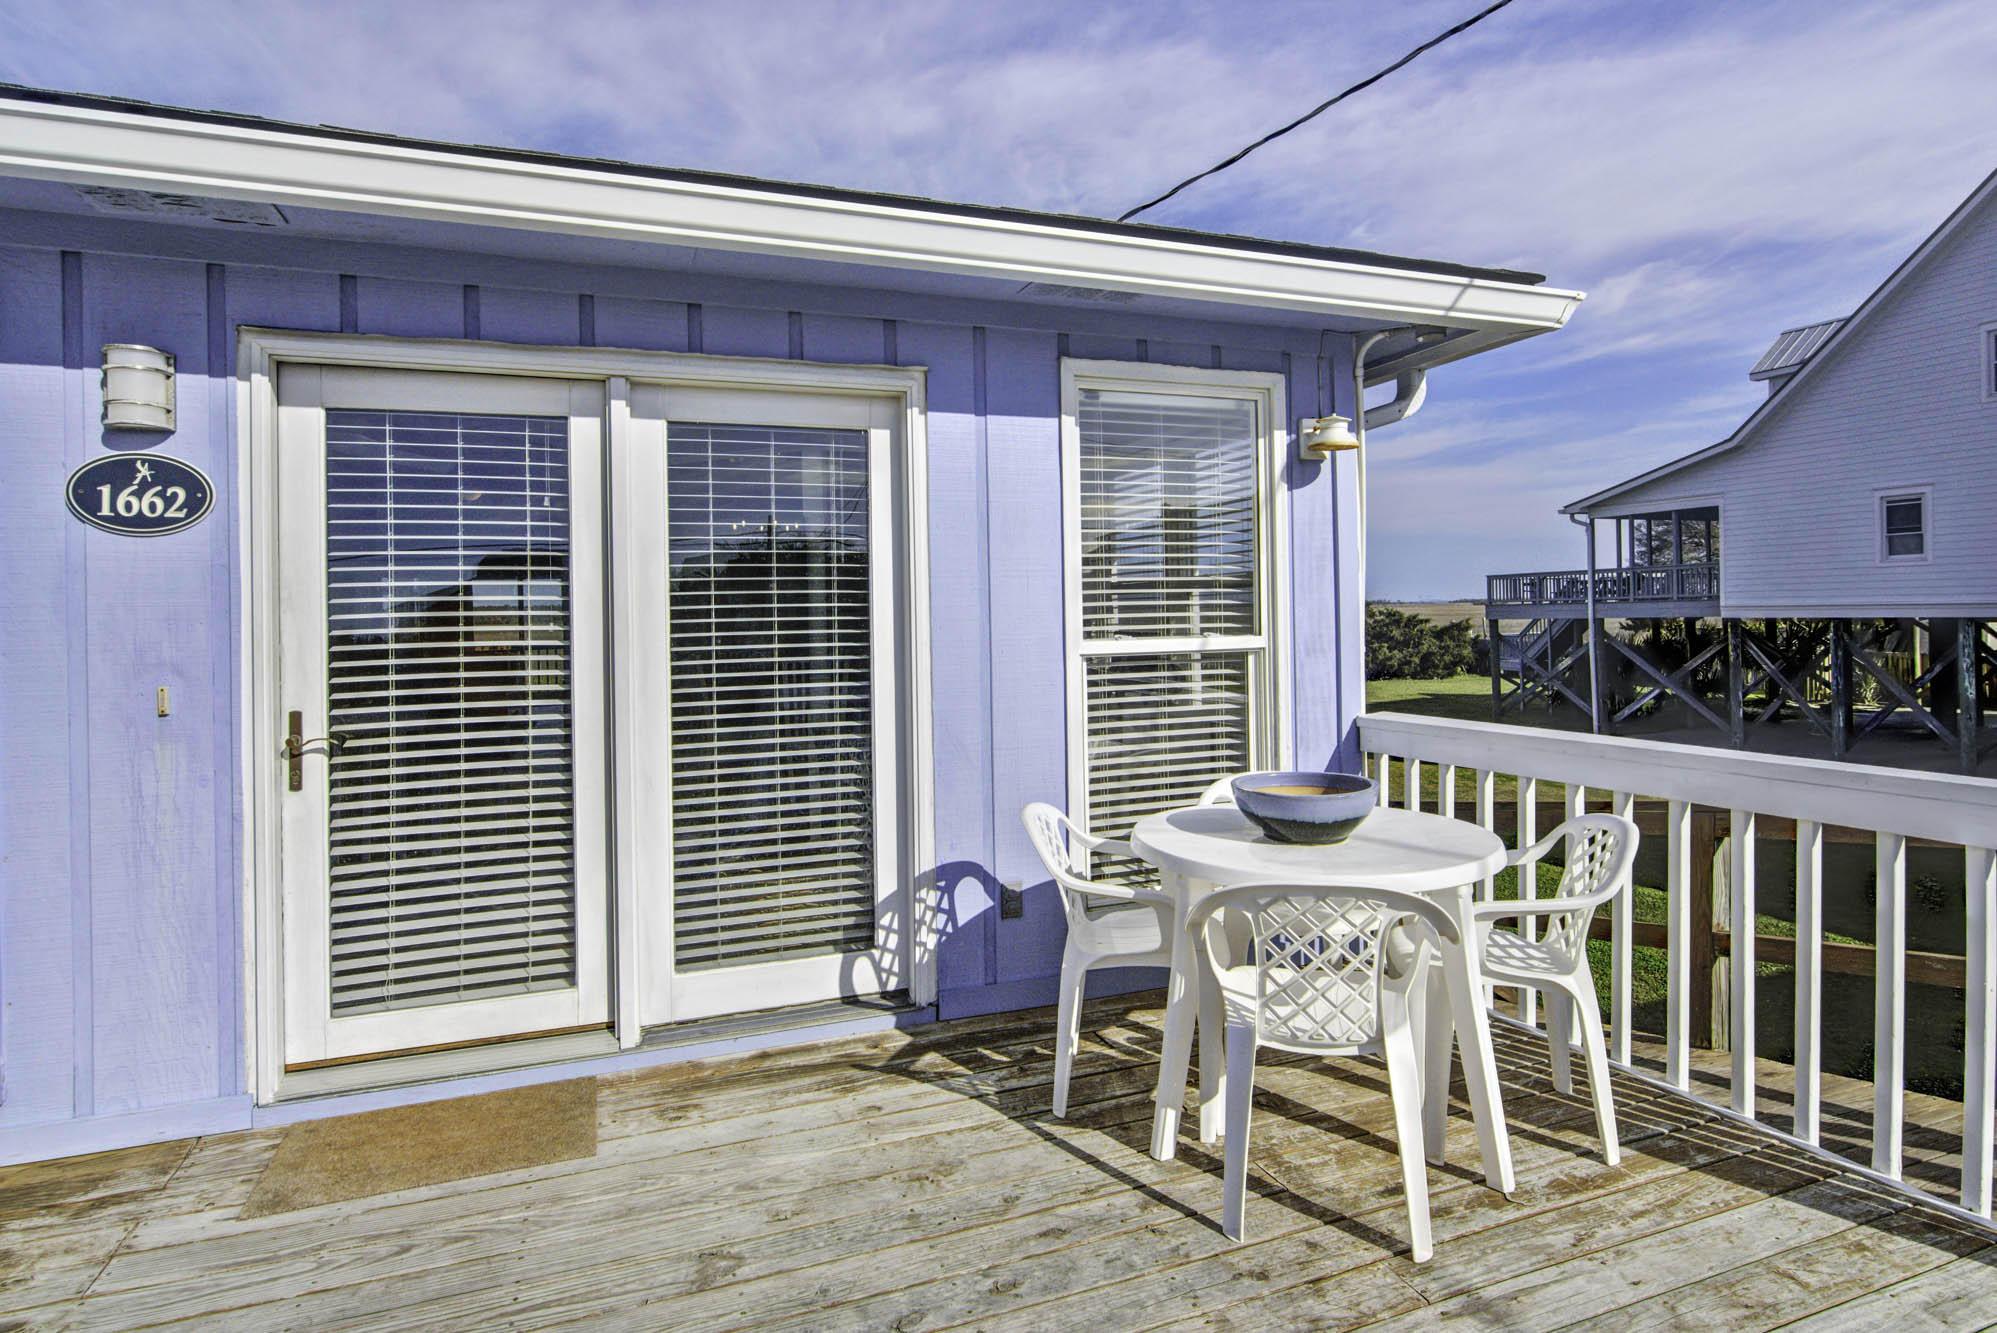 E Folly Bch Shores Homes For Sale - 1662 Ashley, Folly Beach, SC - 31